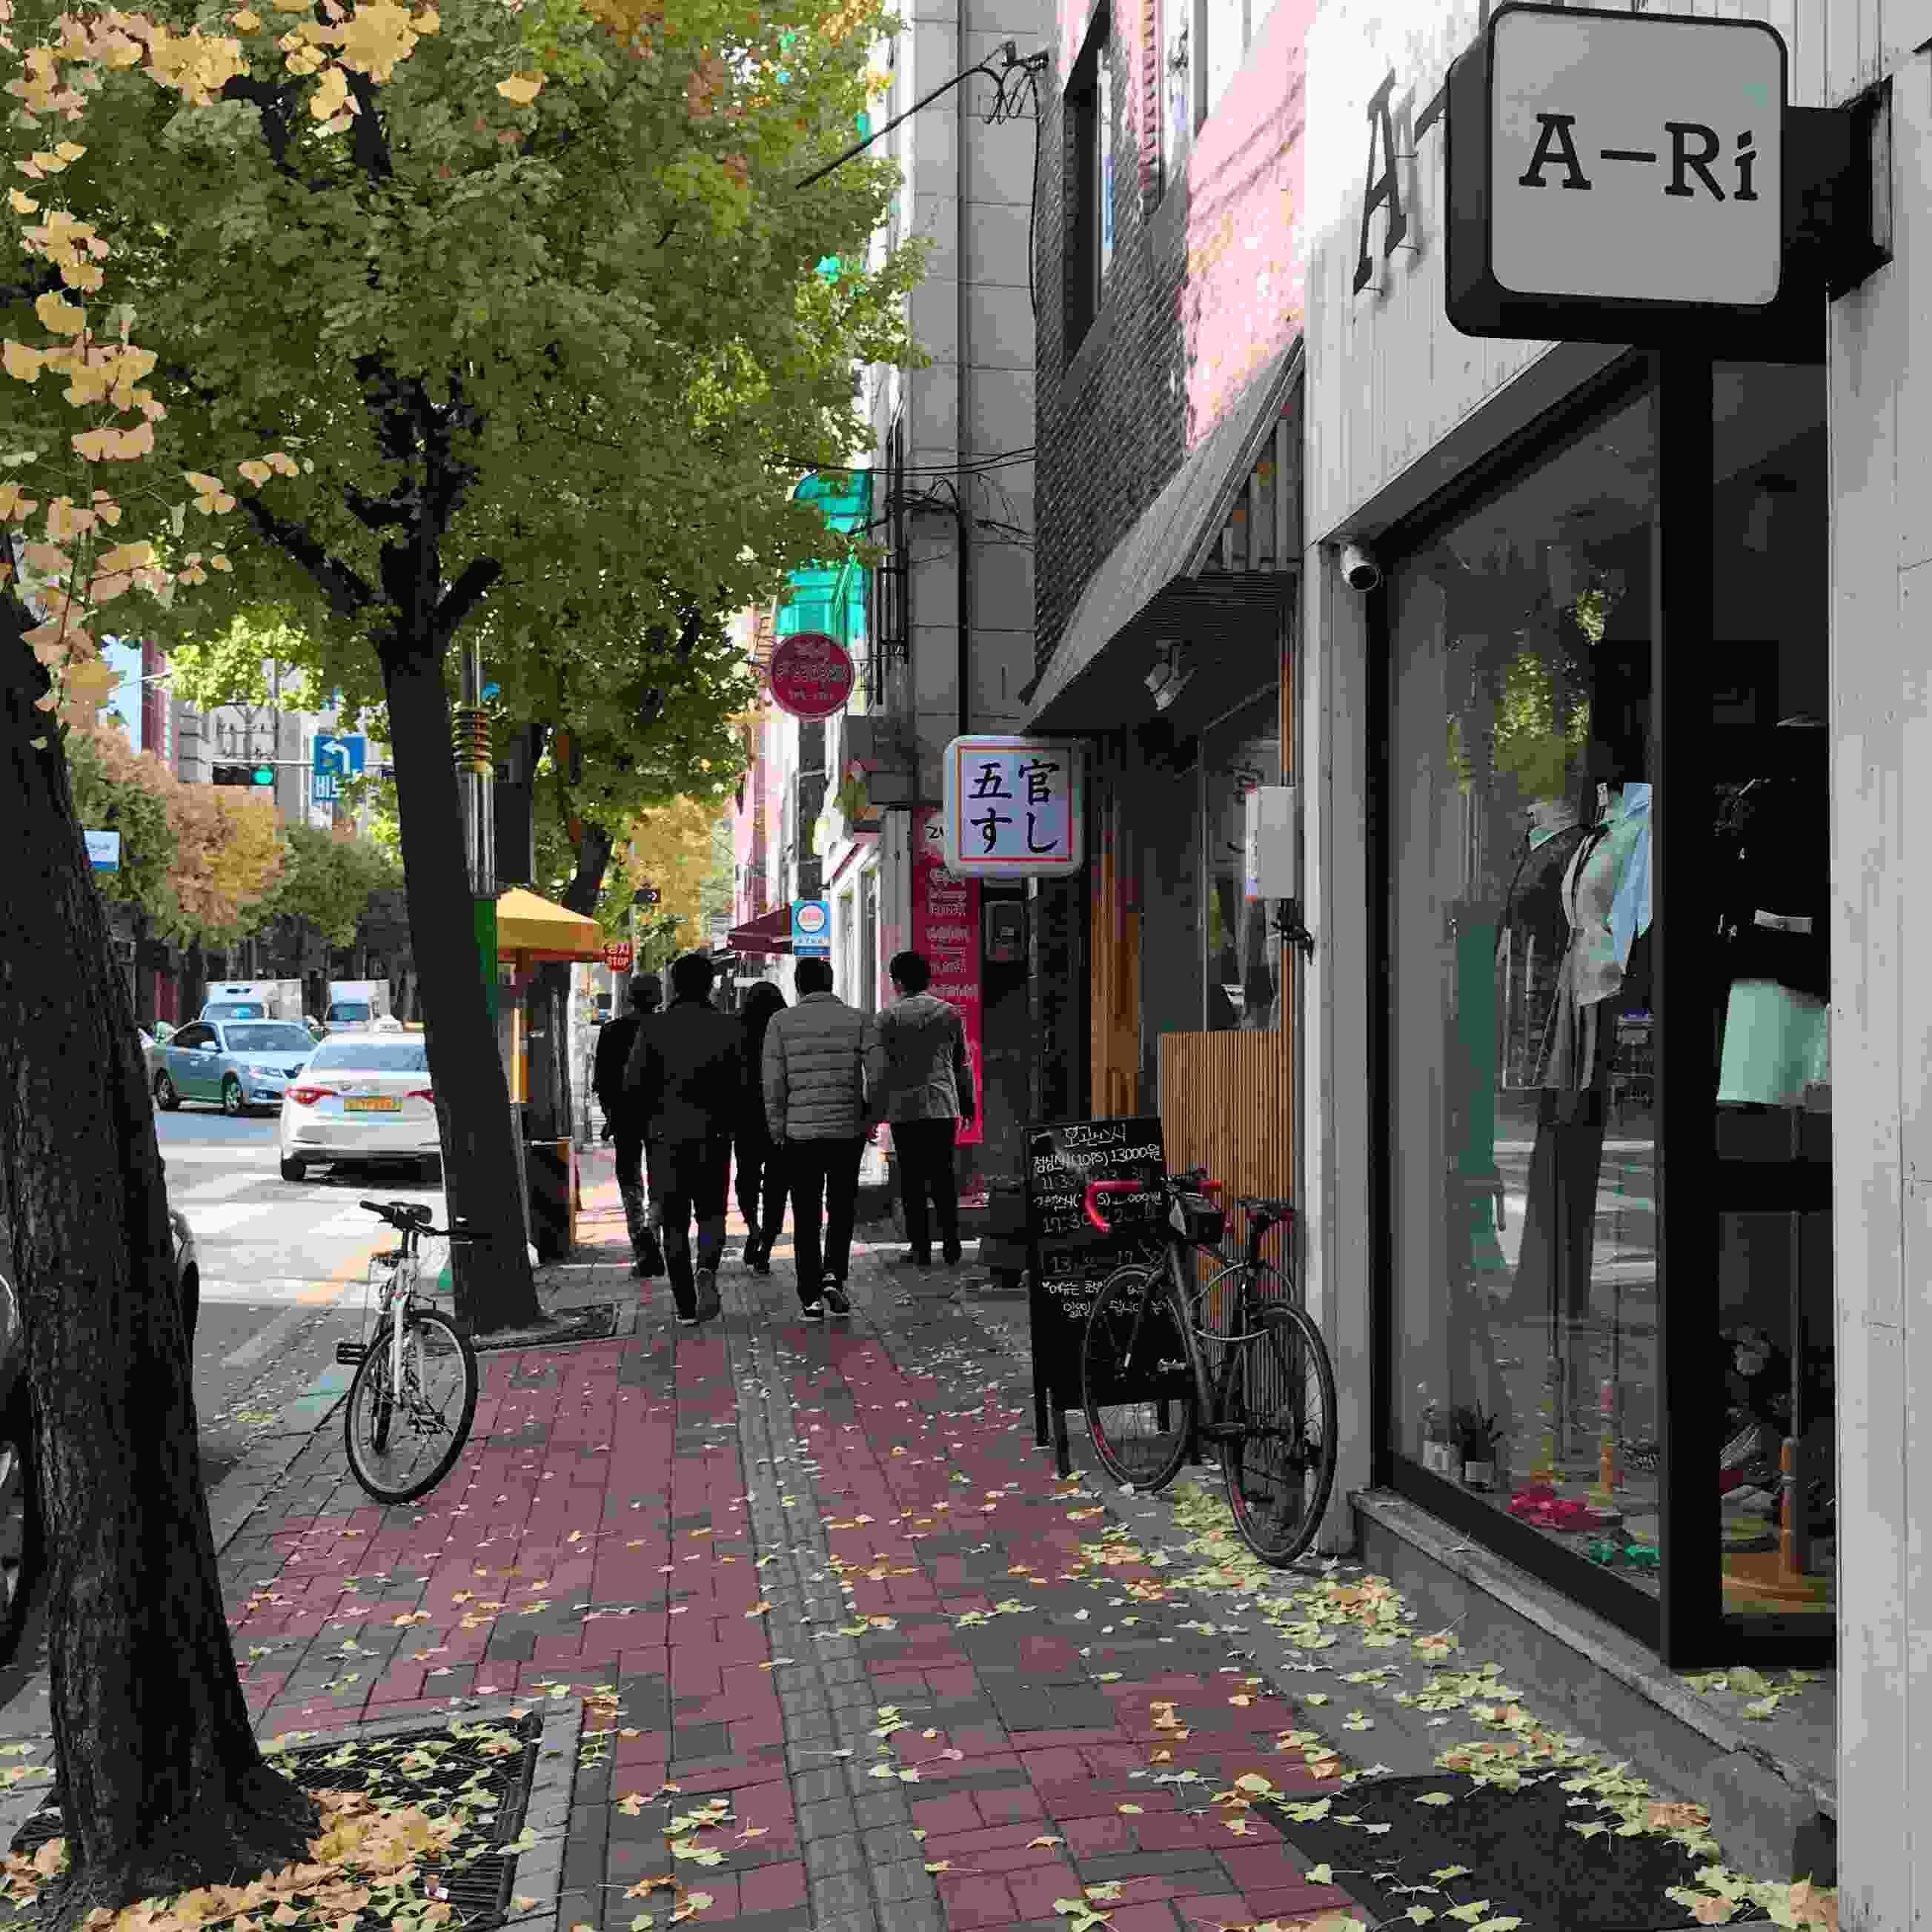 五官壽司(오관스시)位於慶熙大學十字路口附近,不是很顯眼,可是卻是最近慶熙大學附近住民的人氣餐廳喔!